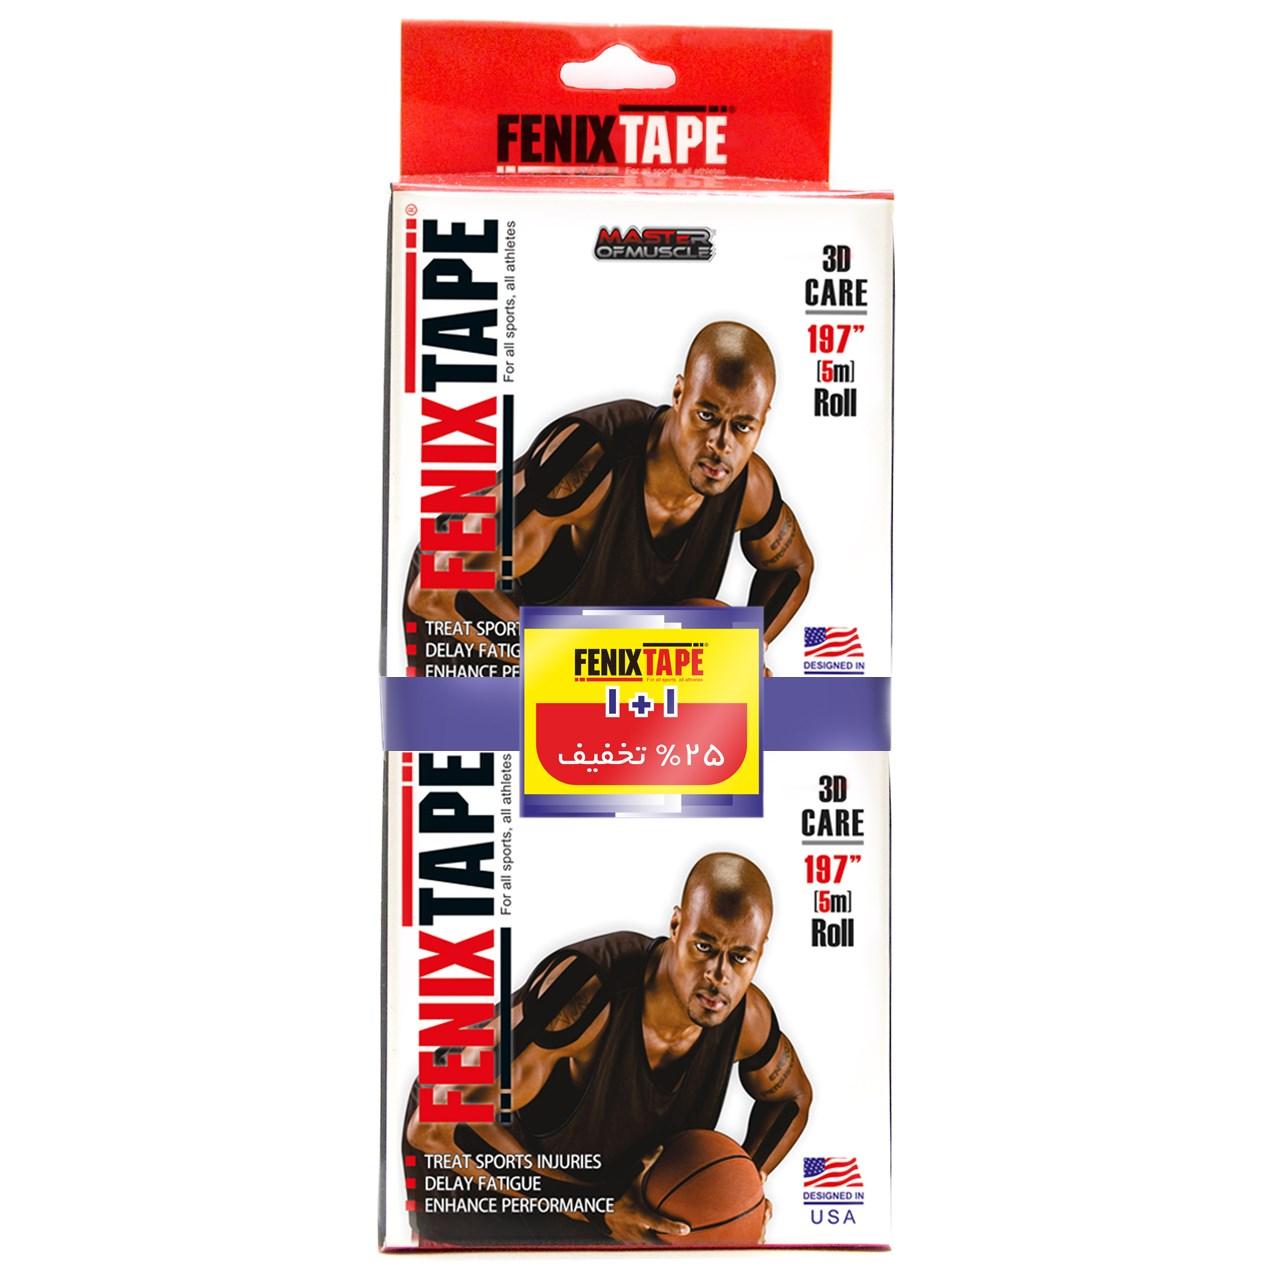 پک چسب ورزشی فنیکس تیپ سری Master of Muscle  بسته 2 عددی